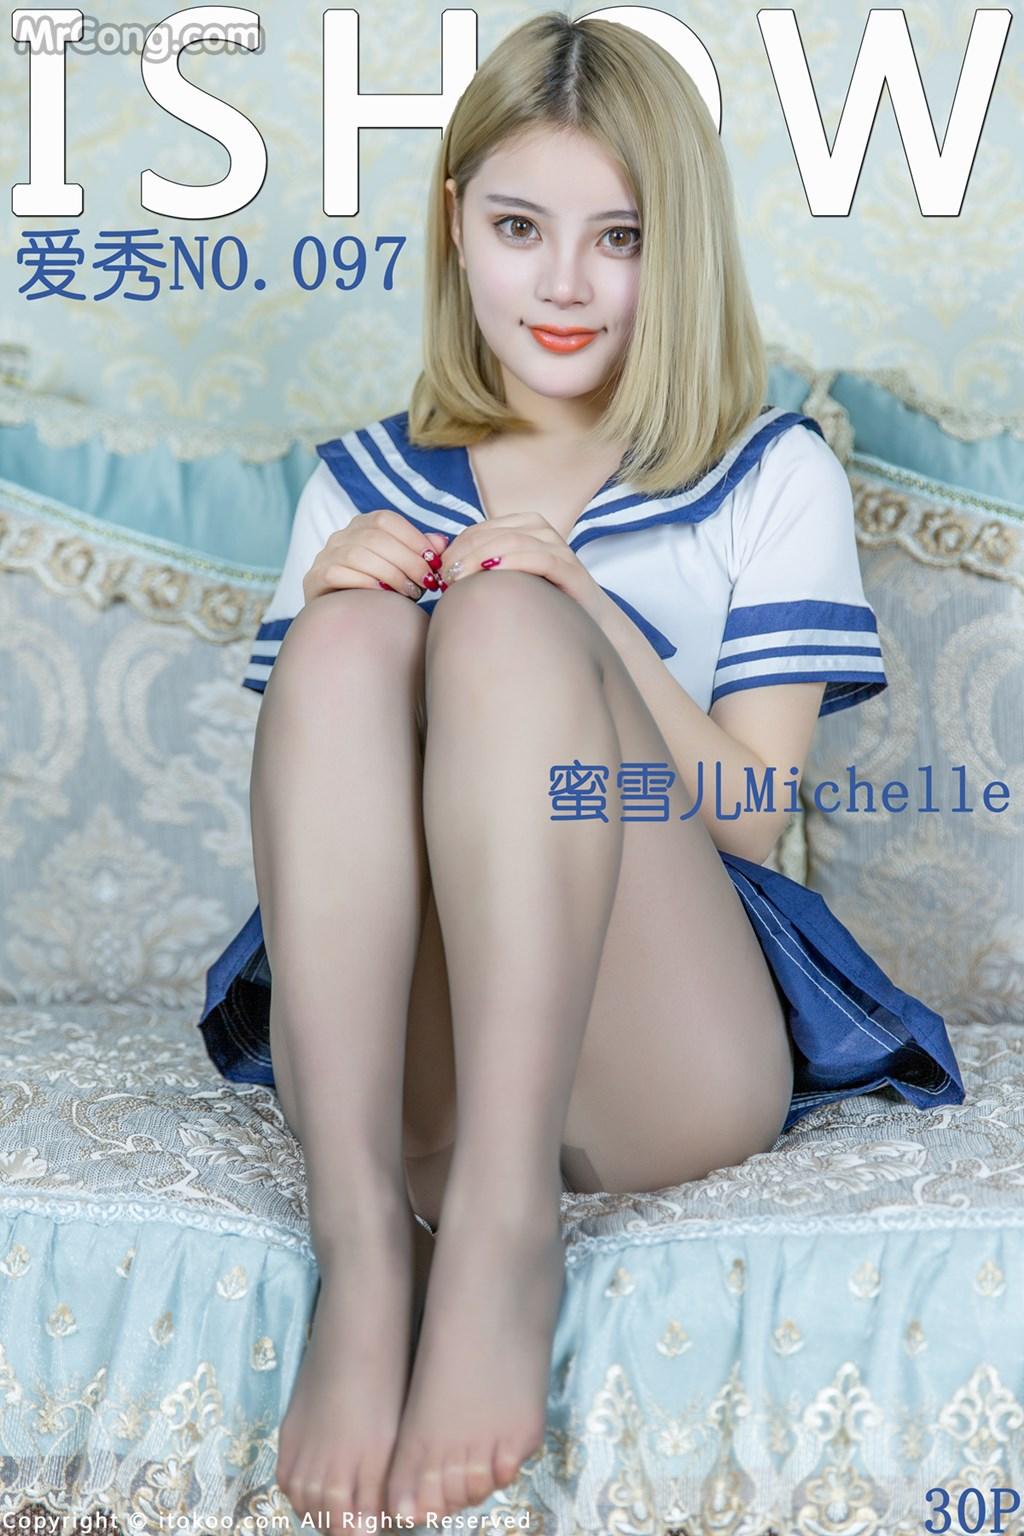 ISHOW No.097: Người mẫu Michelle (蜜雪儿) (31 ảnh)